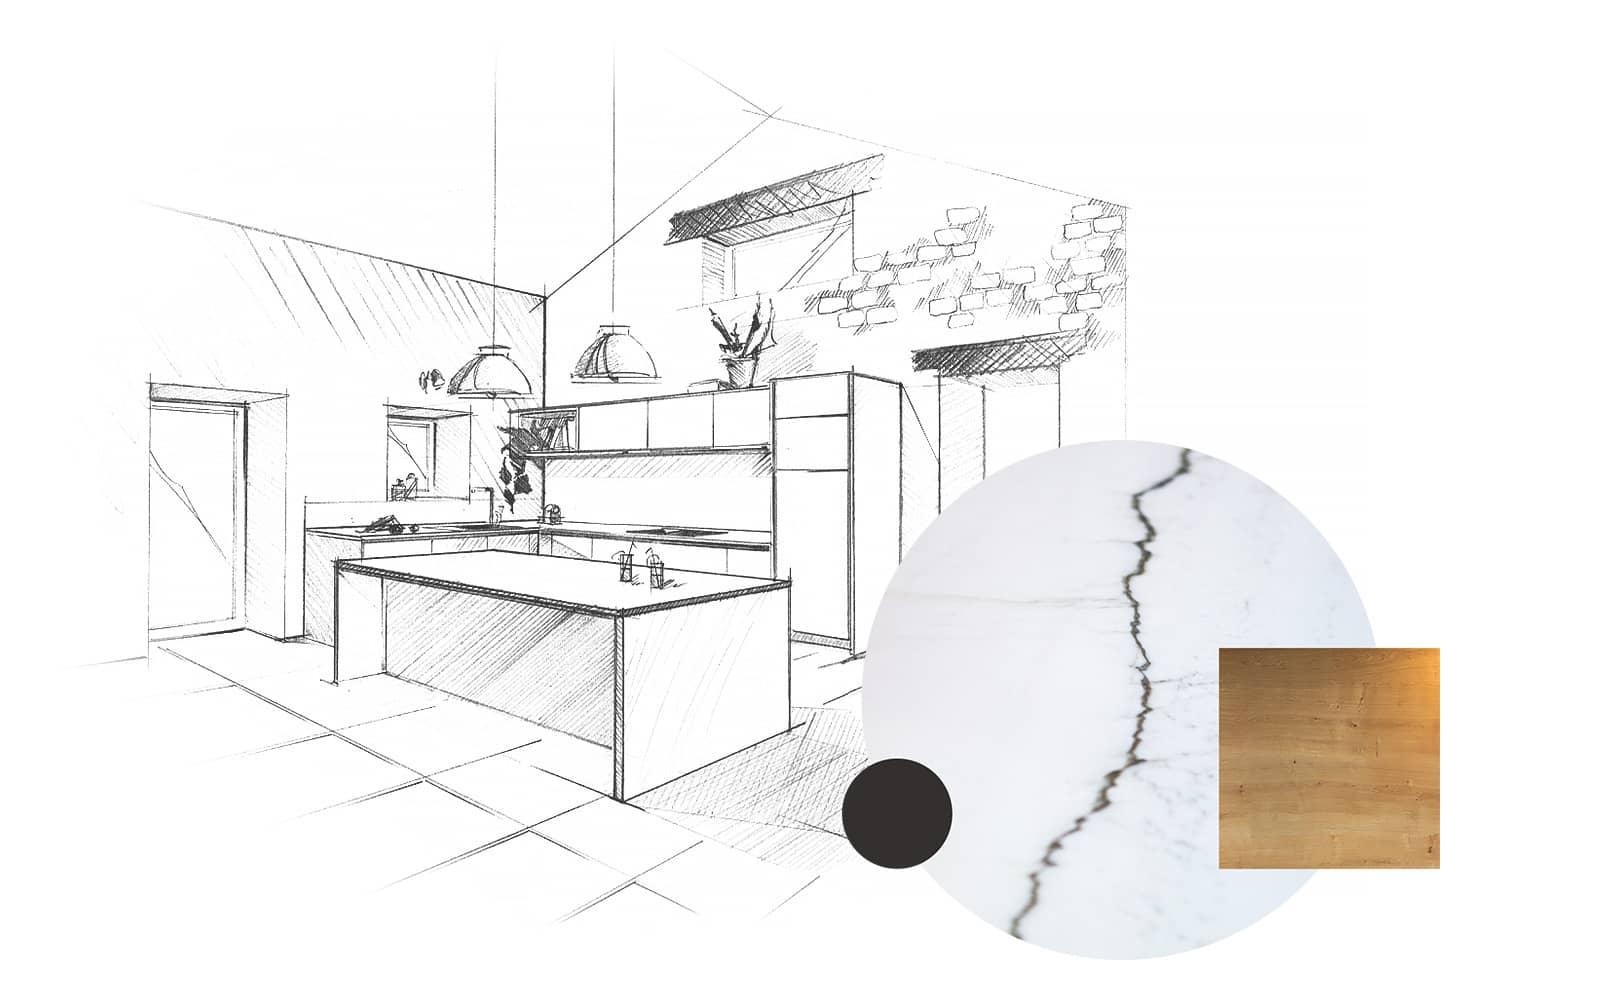 Projet de l'Atelier de Léa : dessin en perspective et échantillons d'une cuisine contemporaine minimaliste blanche sur-mesure.